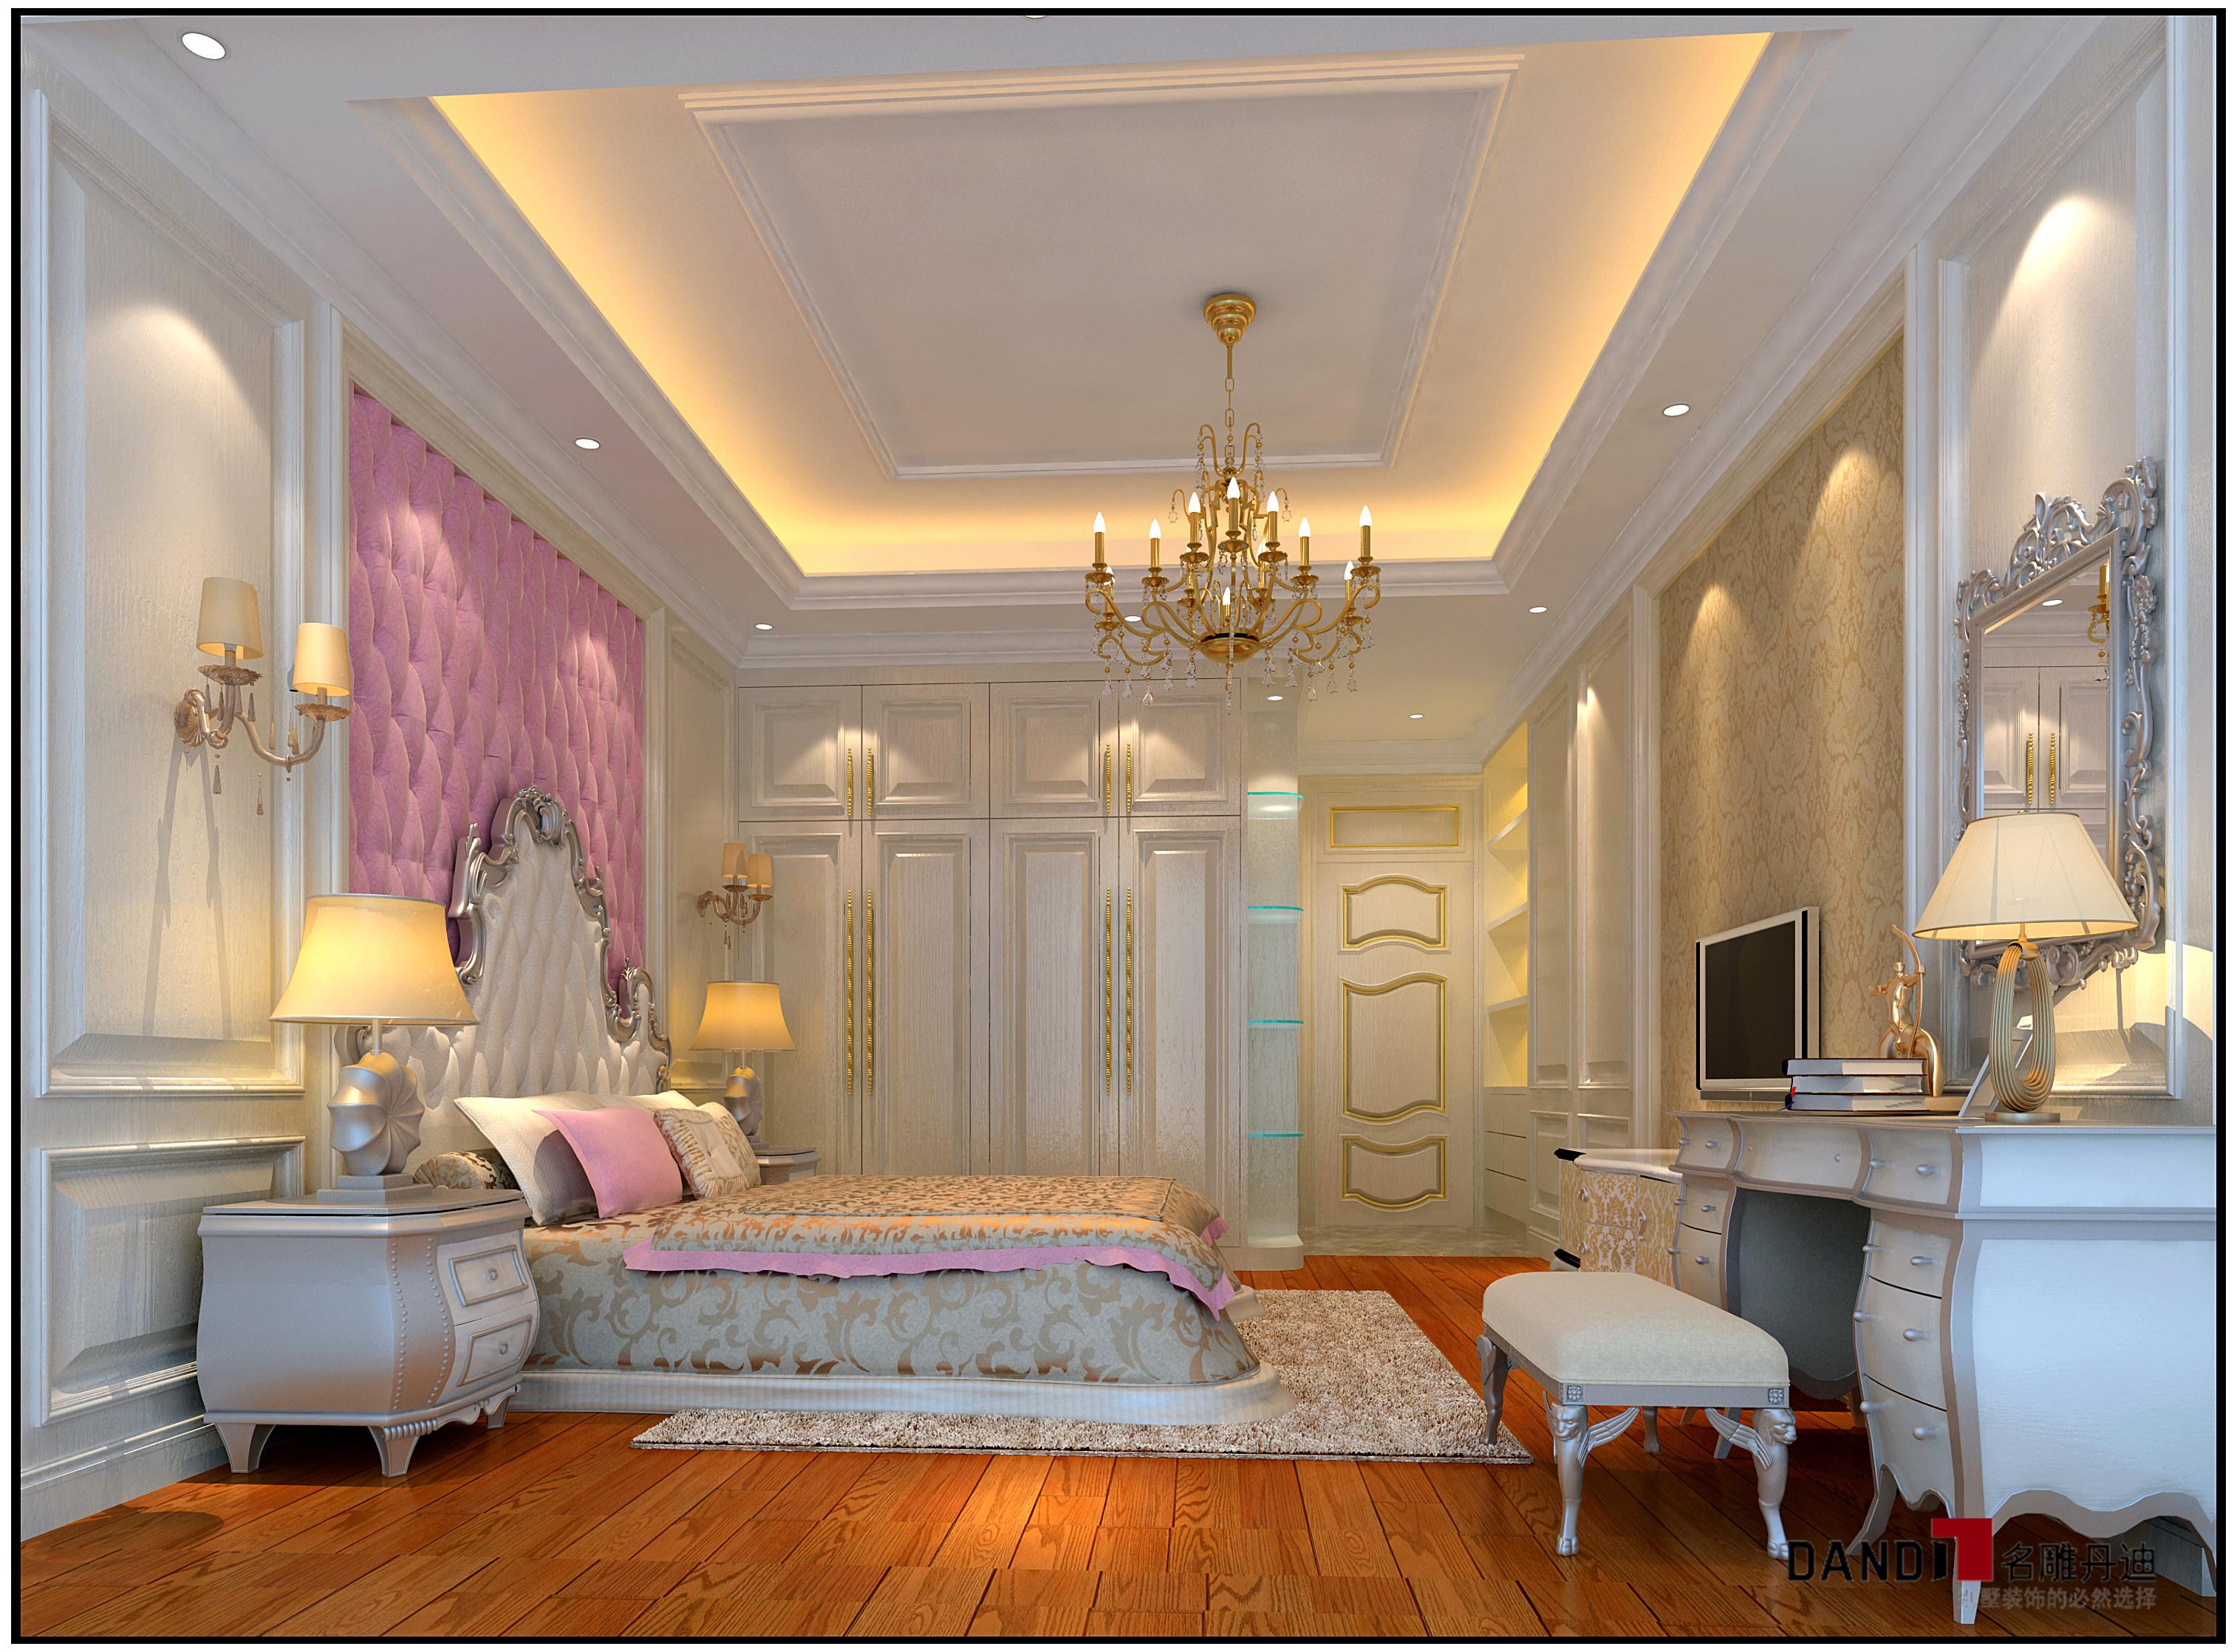 别墅装饰 豪宅装修 卧室 儿童房图片来自名雕丹迪在欧式风格—780豪华